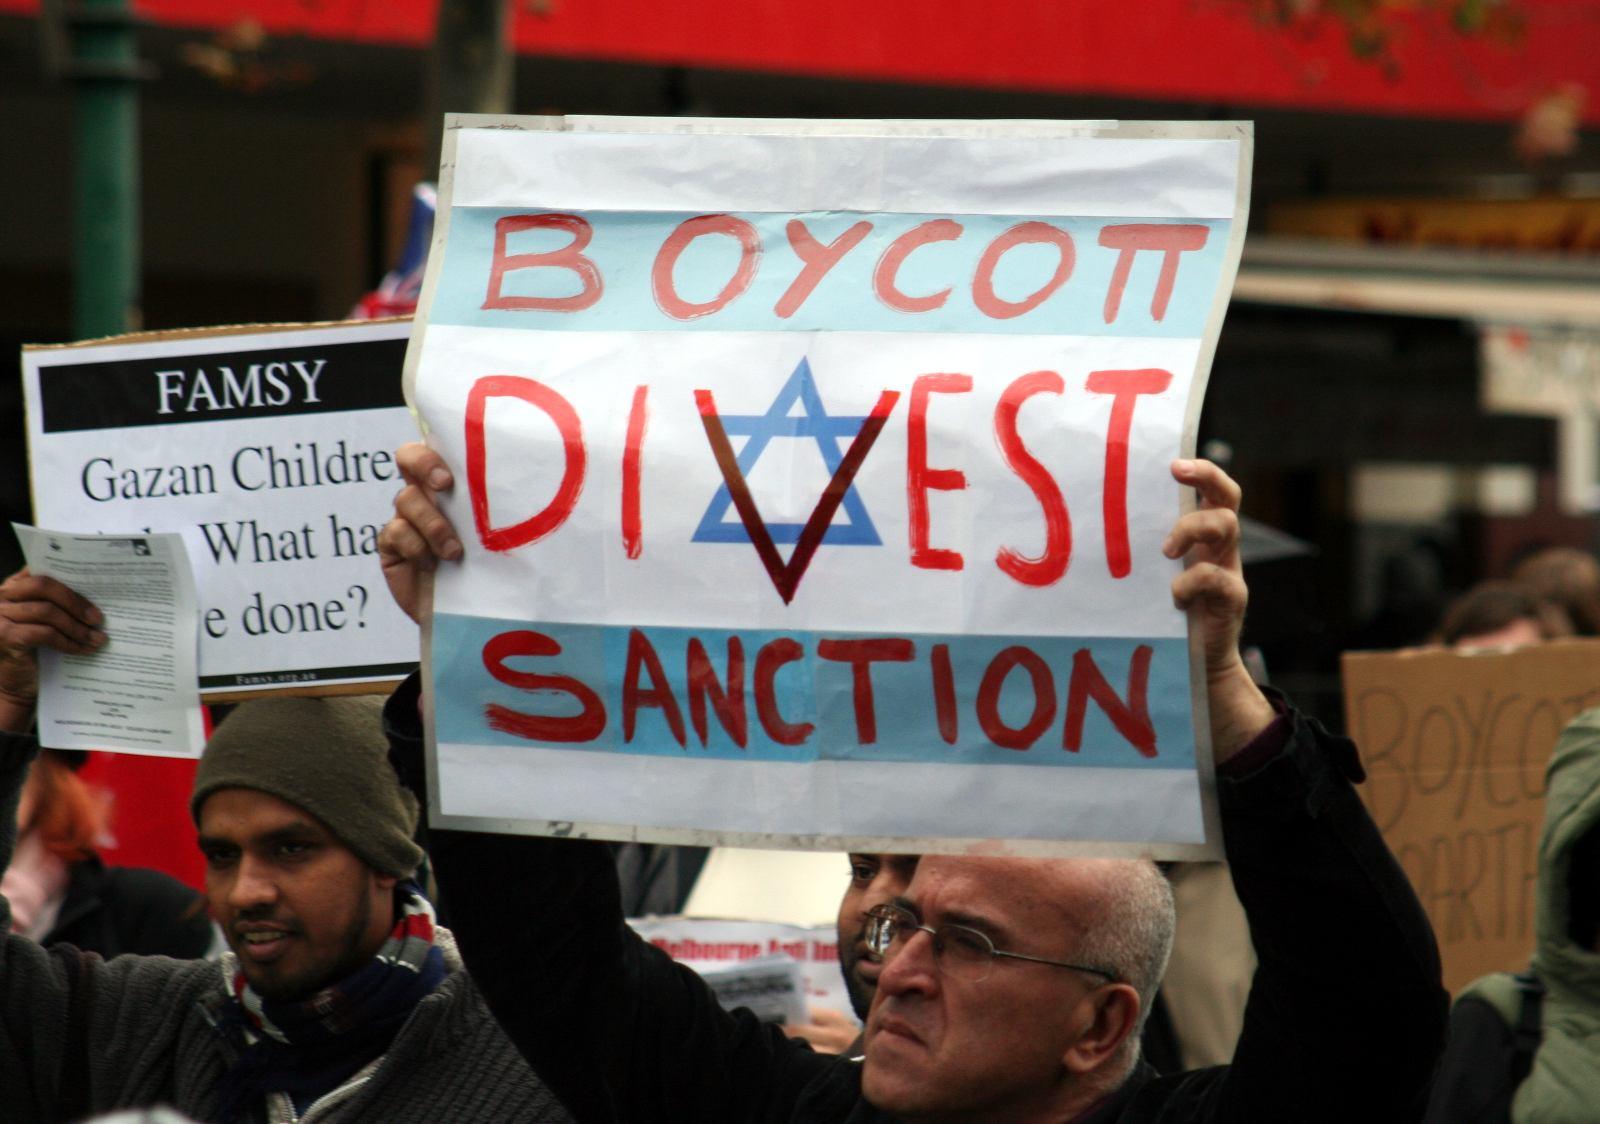 الصحفيون البريطانيون يصوّتون على اقتراح لمقاطعة إسرائيل